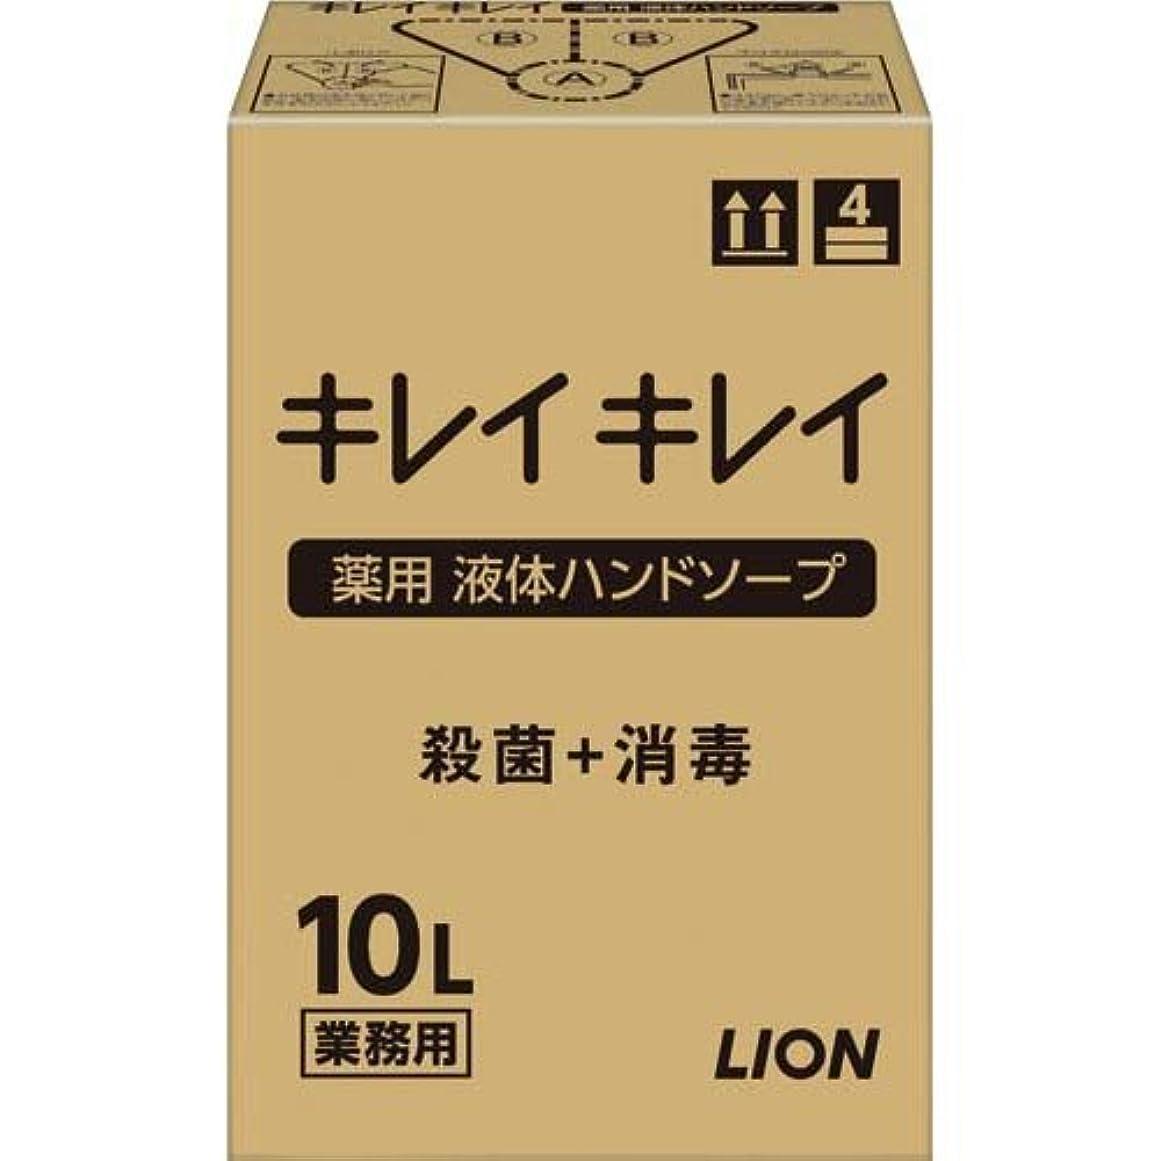 草バスケットボールヘクタールキレイキレイ 薬用ハンドソープ 10L